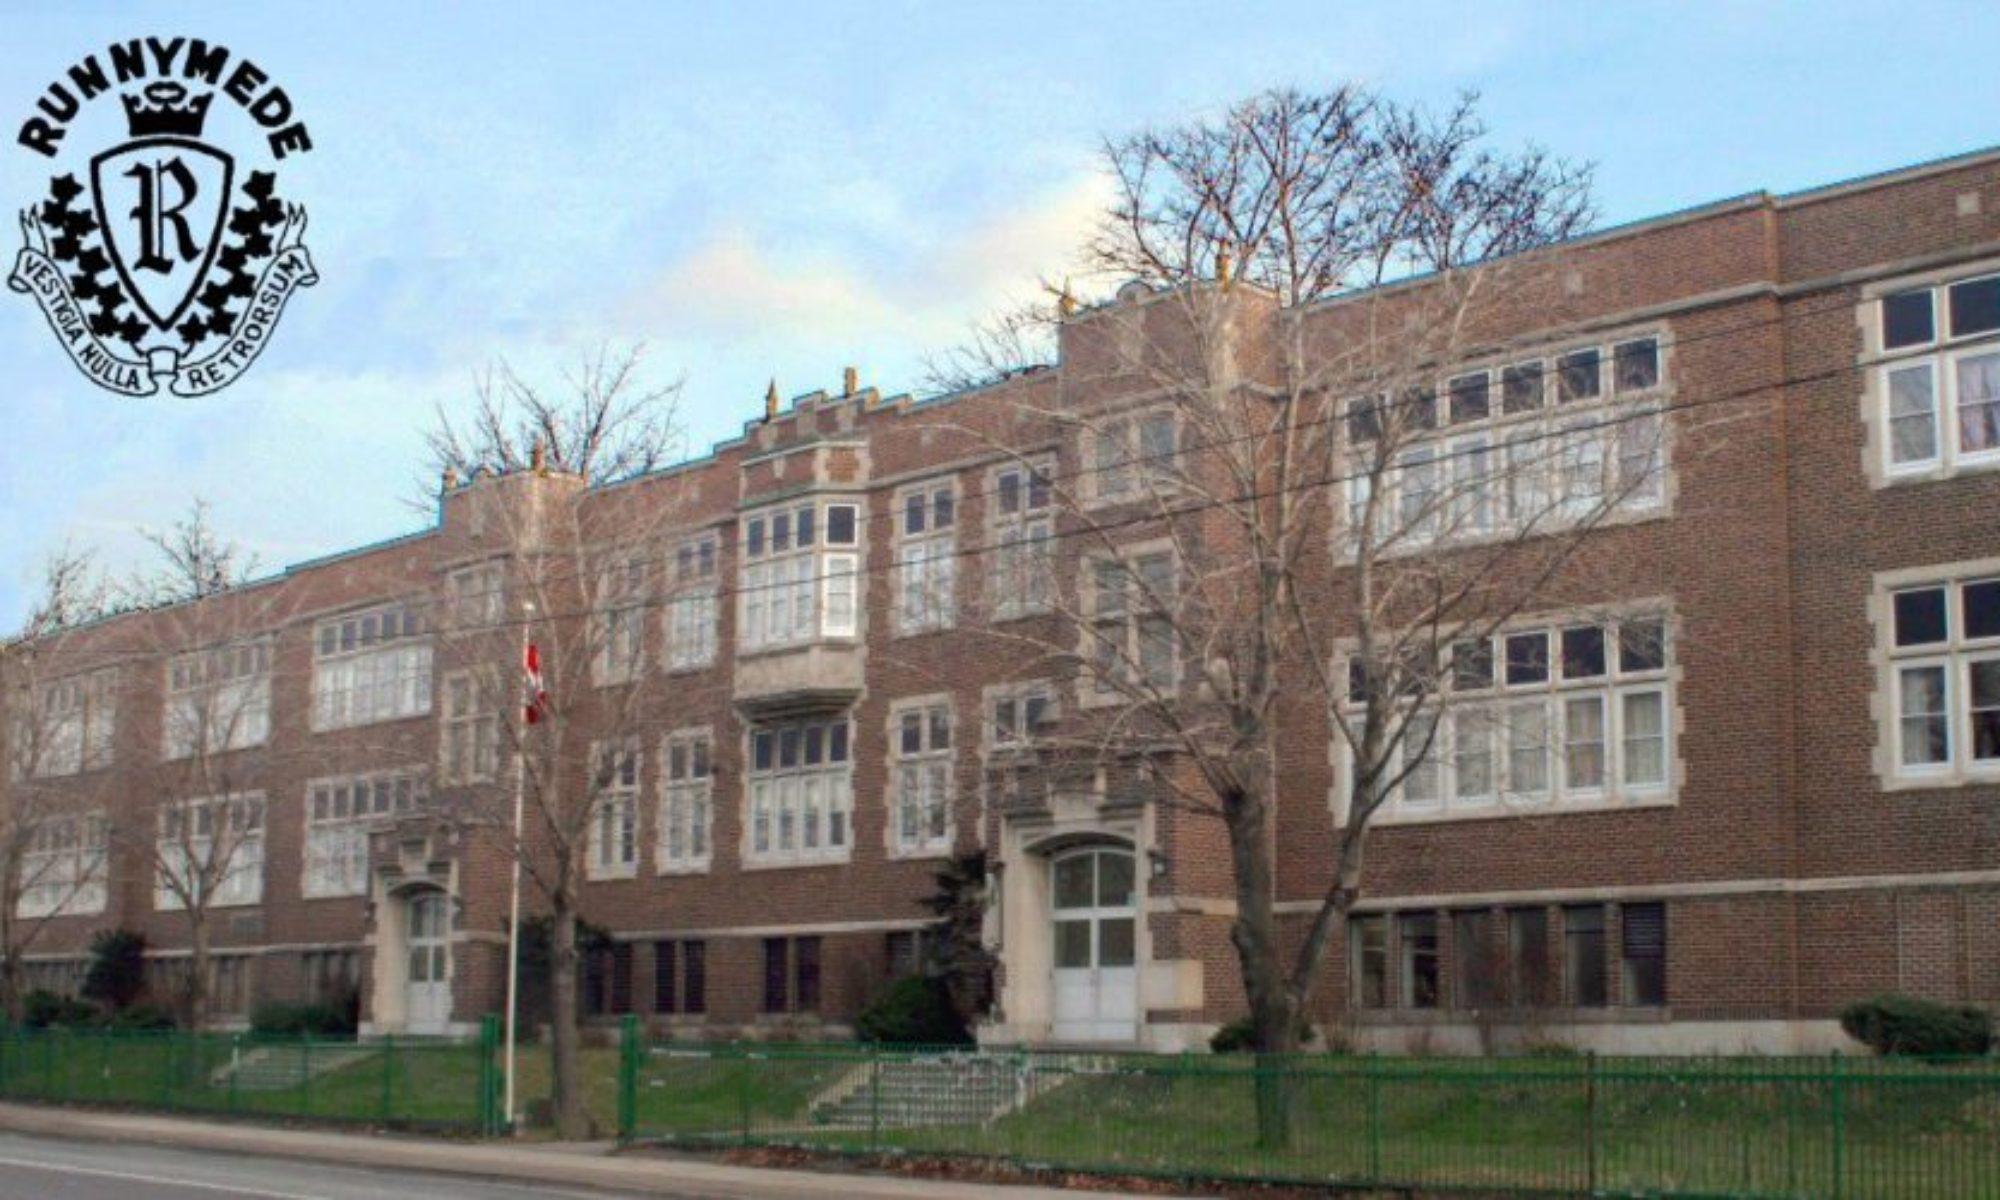 Runnymede Collegiate Institute